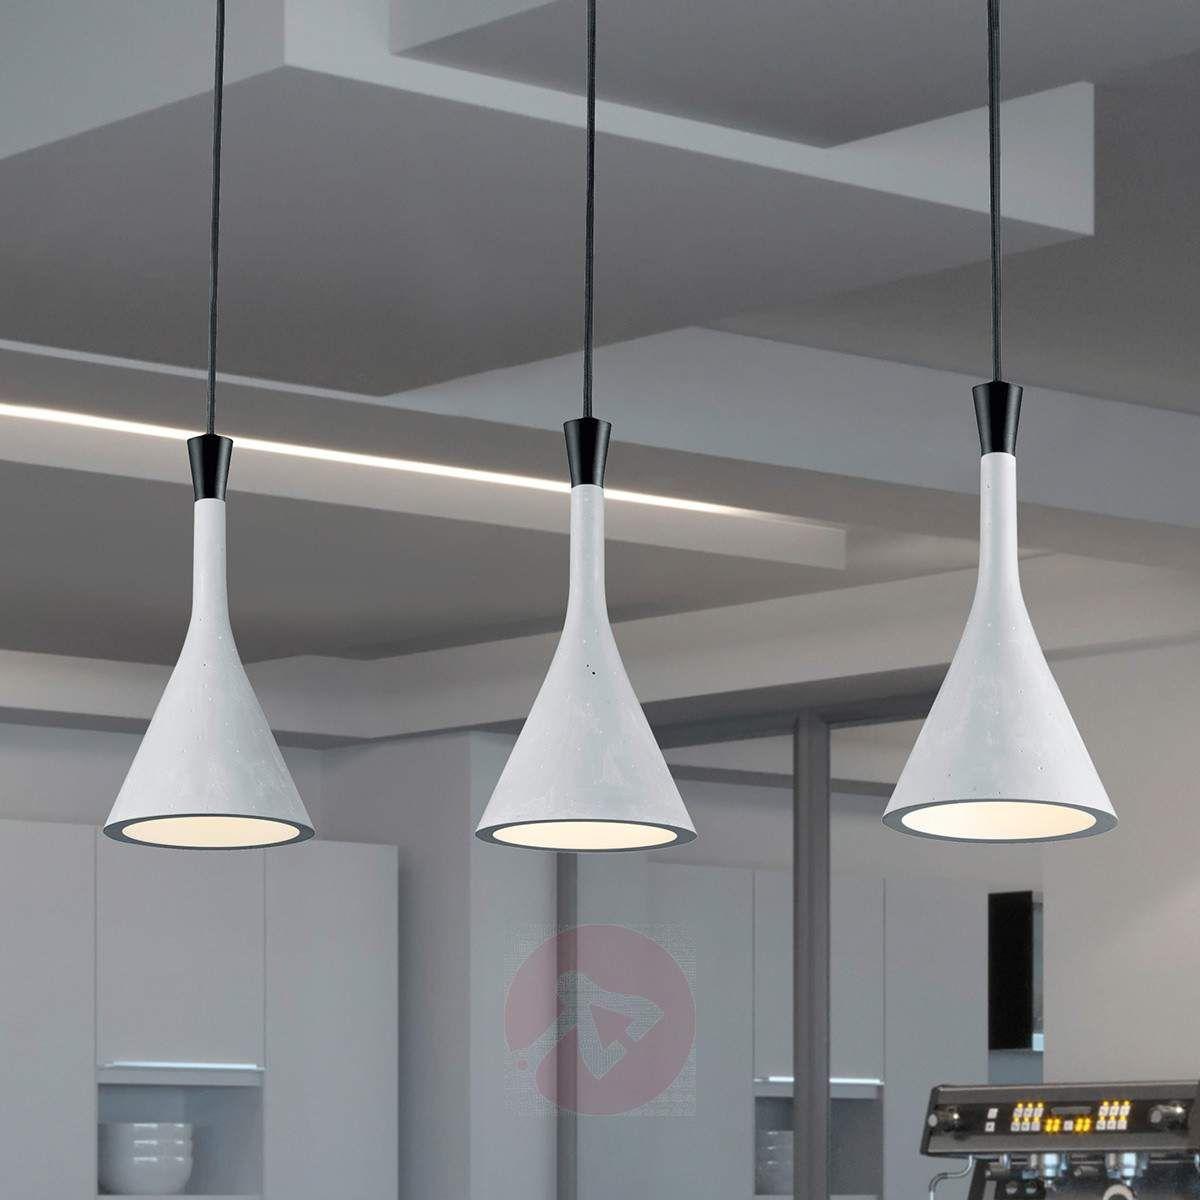 3-flammige Hängeleuchte Roddik-9004759-30 | Pendelleuchte LED Küche ...